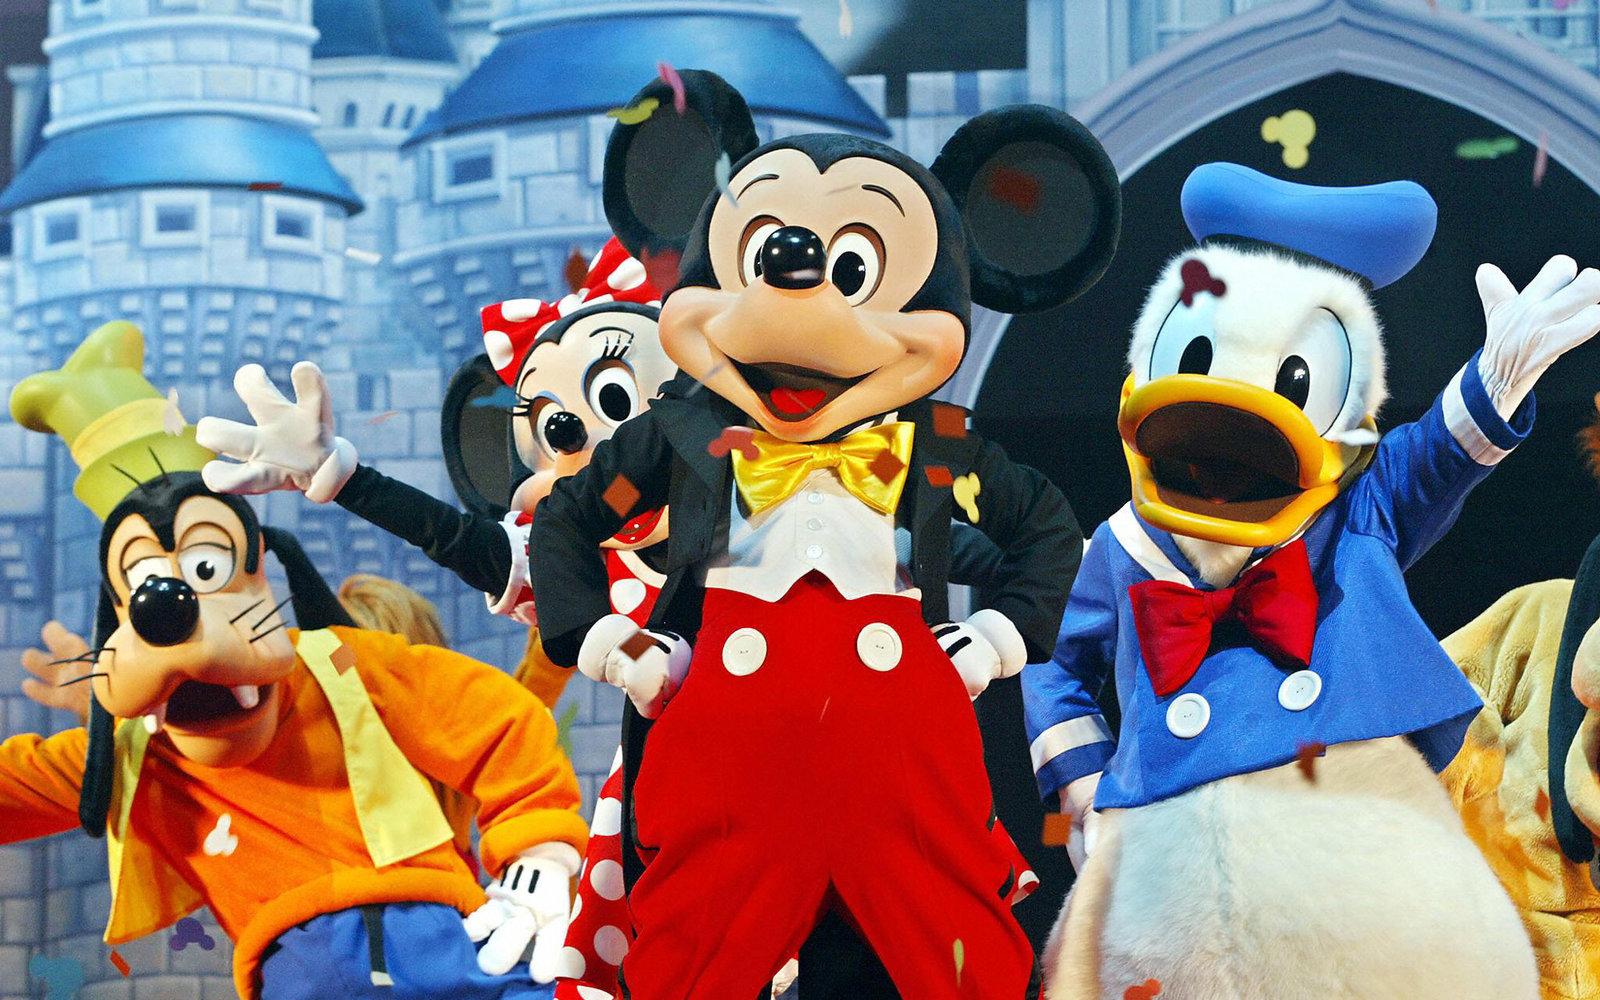 Компания Disney намерена расширять бизнес в Казахстане, компания, Disney, бизнес, Казахстан